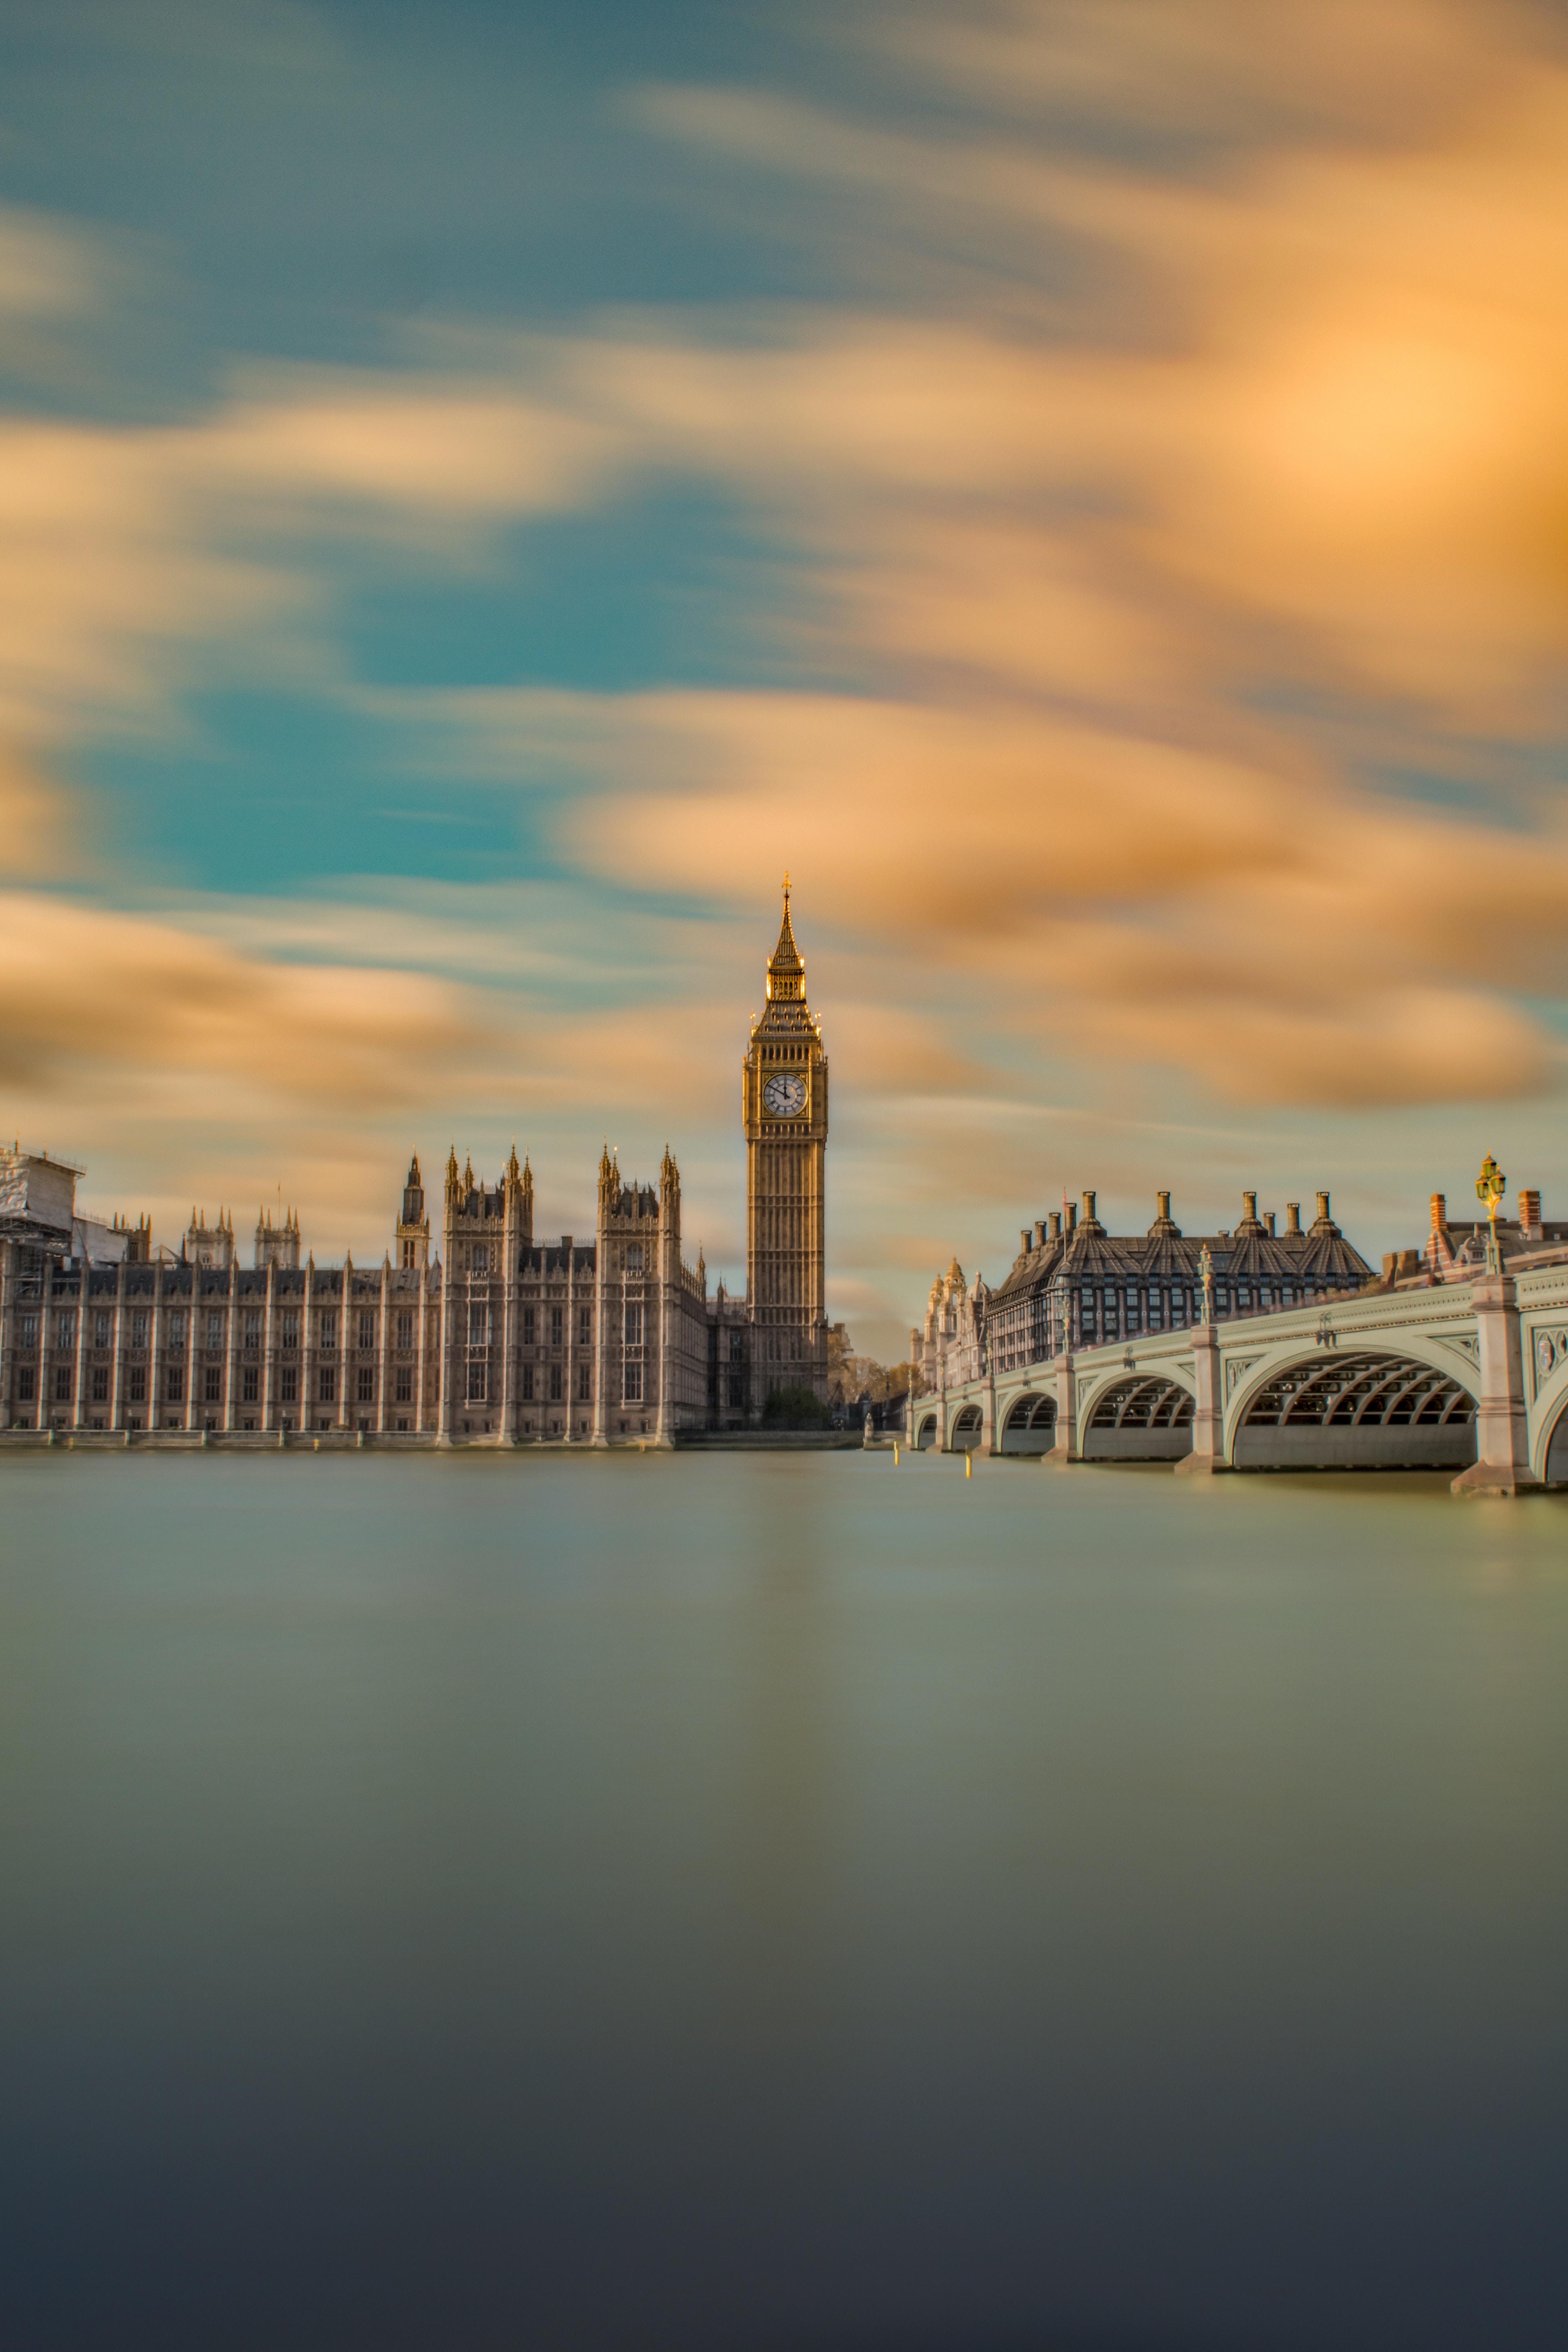 107180 Заставки и Обои Города на телефон. Скачать Биг Бен (Big Ben), Панорама, Мост, Река, Лондон, Великобритания, Города картинки бесплатно